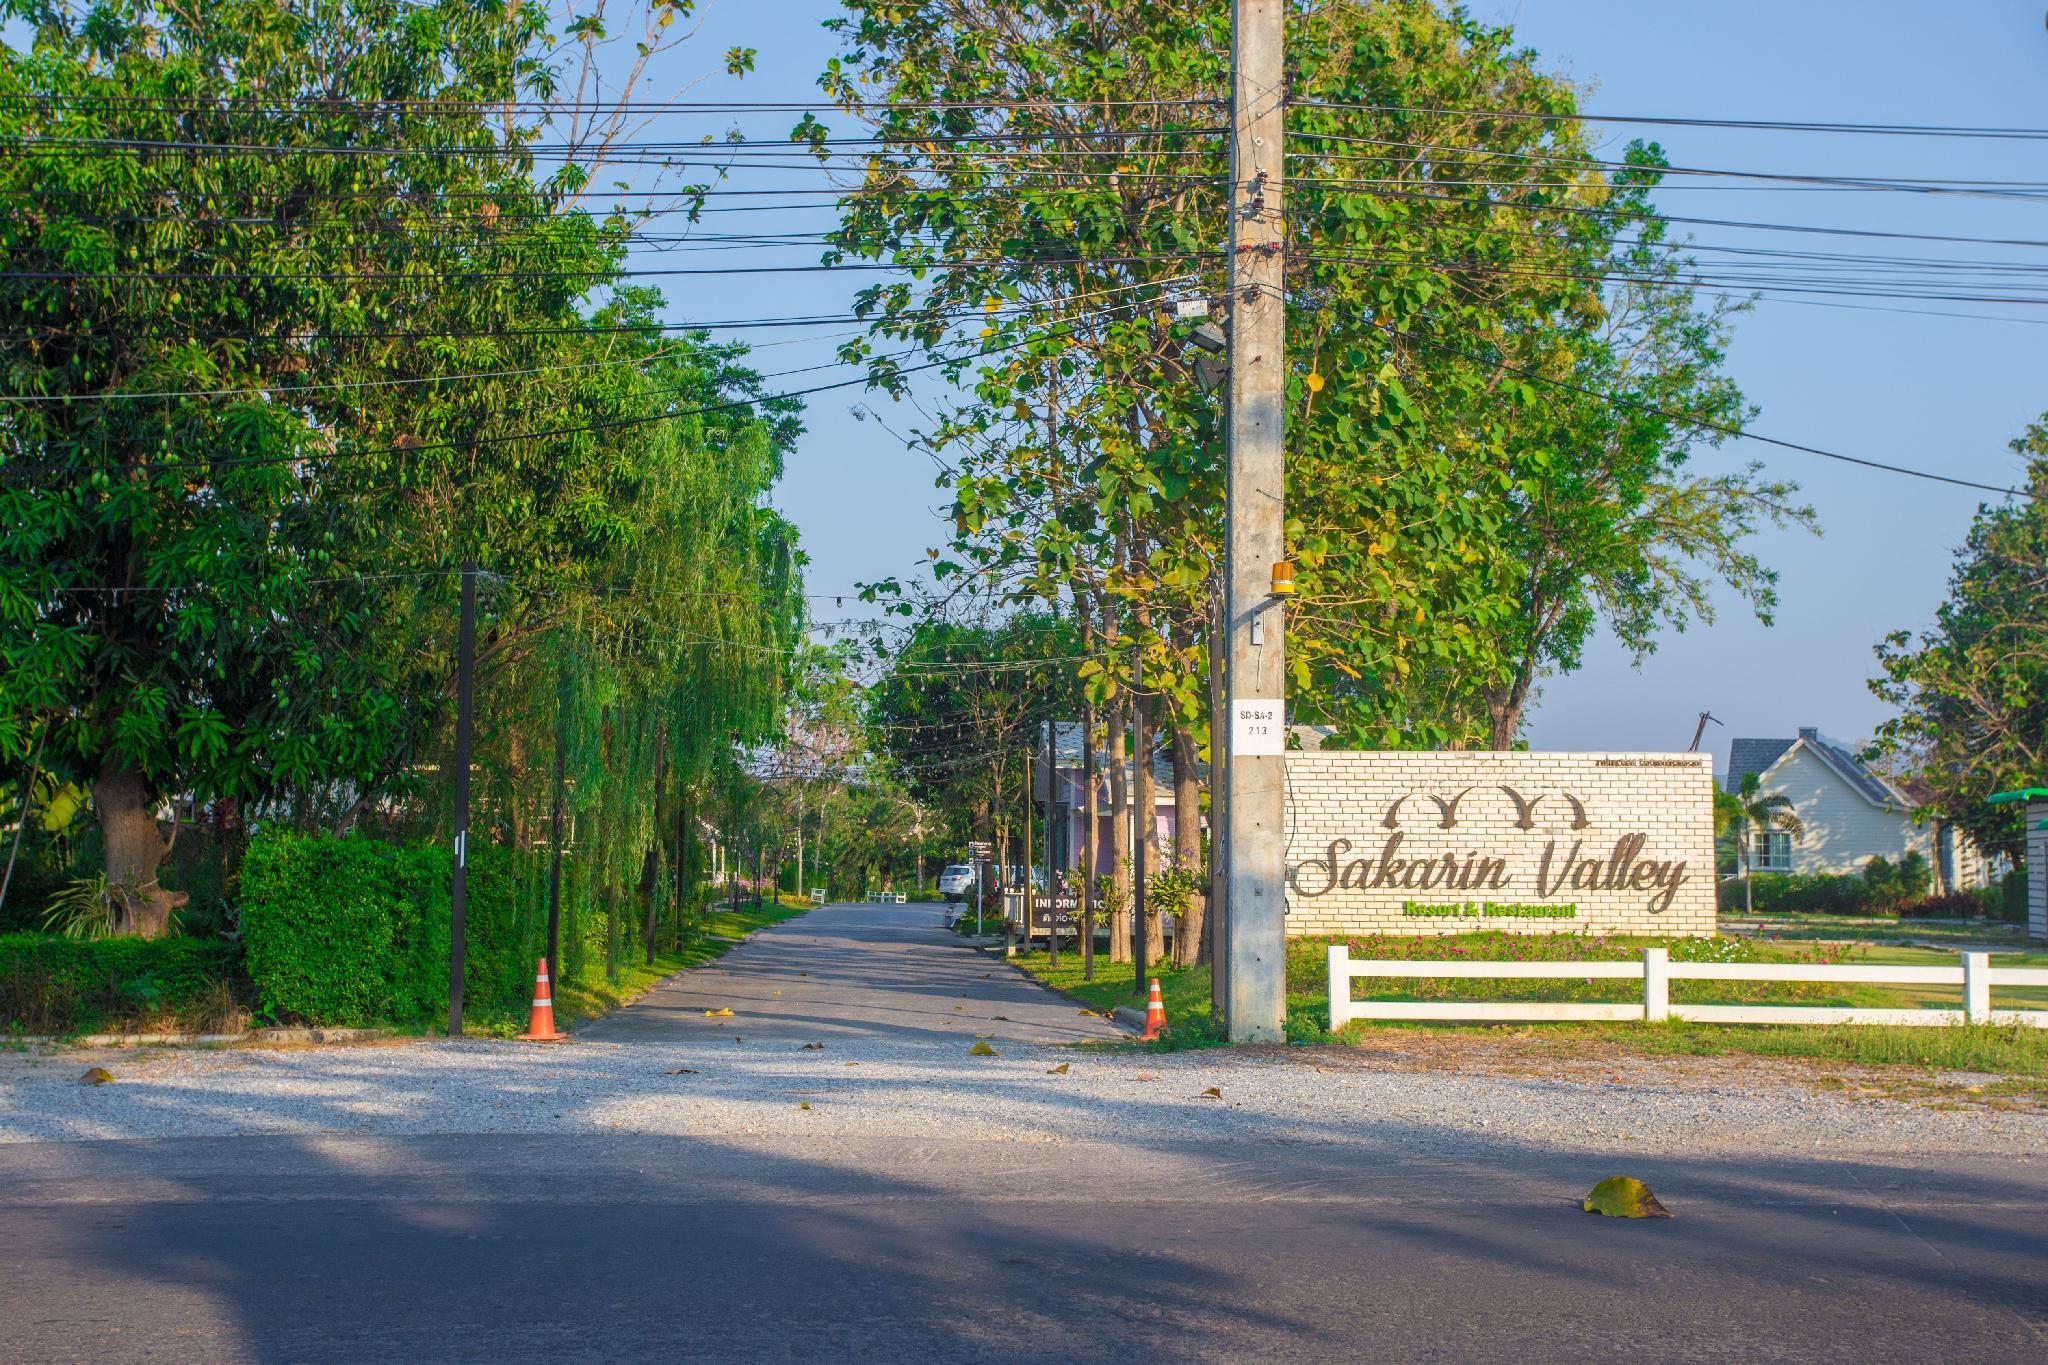 Sakarin Valley ResortandRestaurant